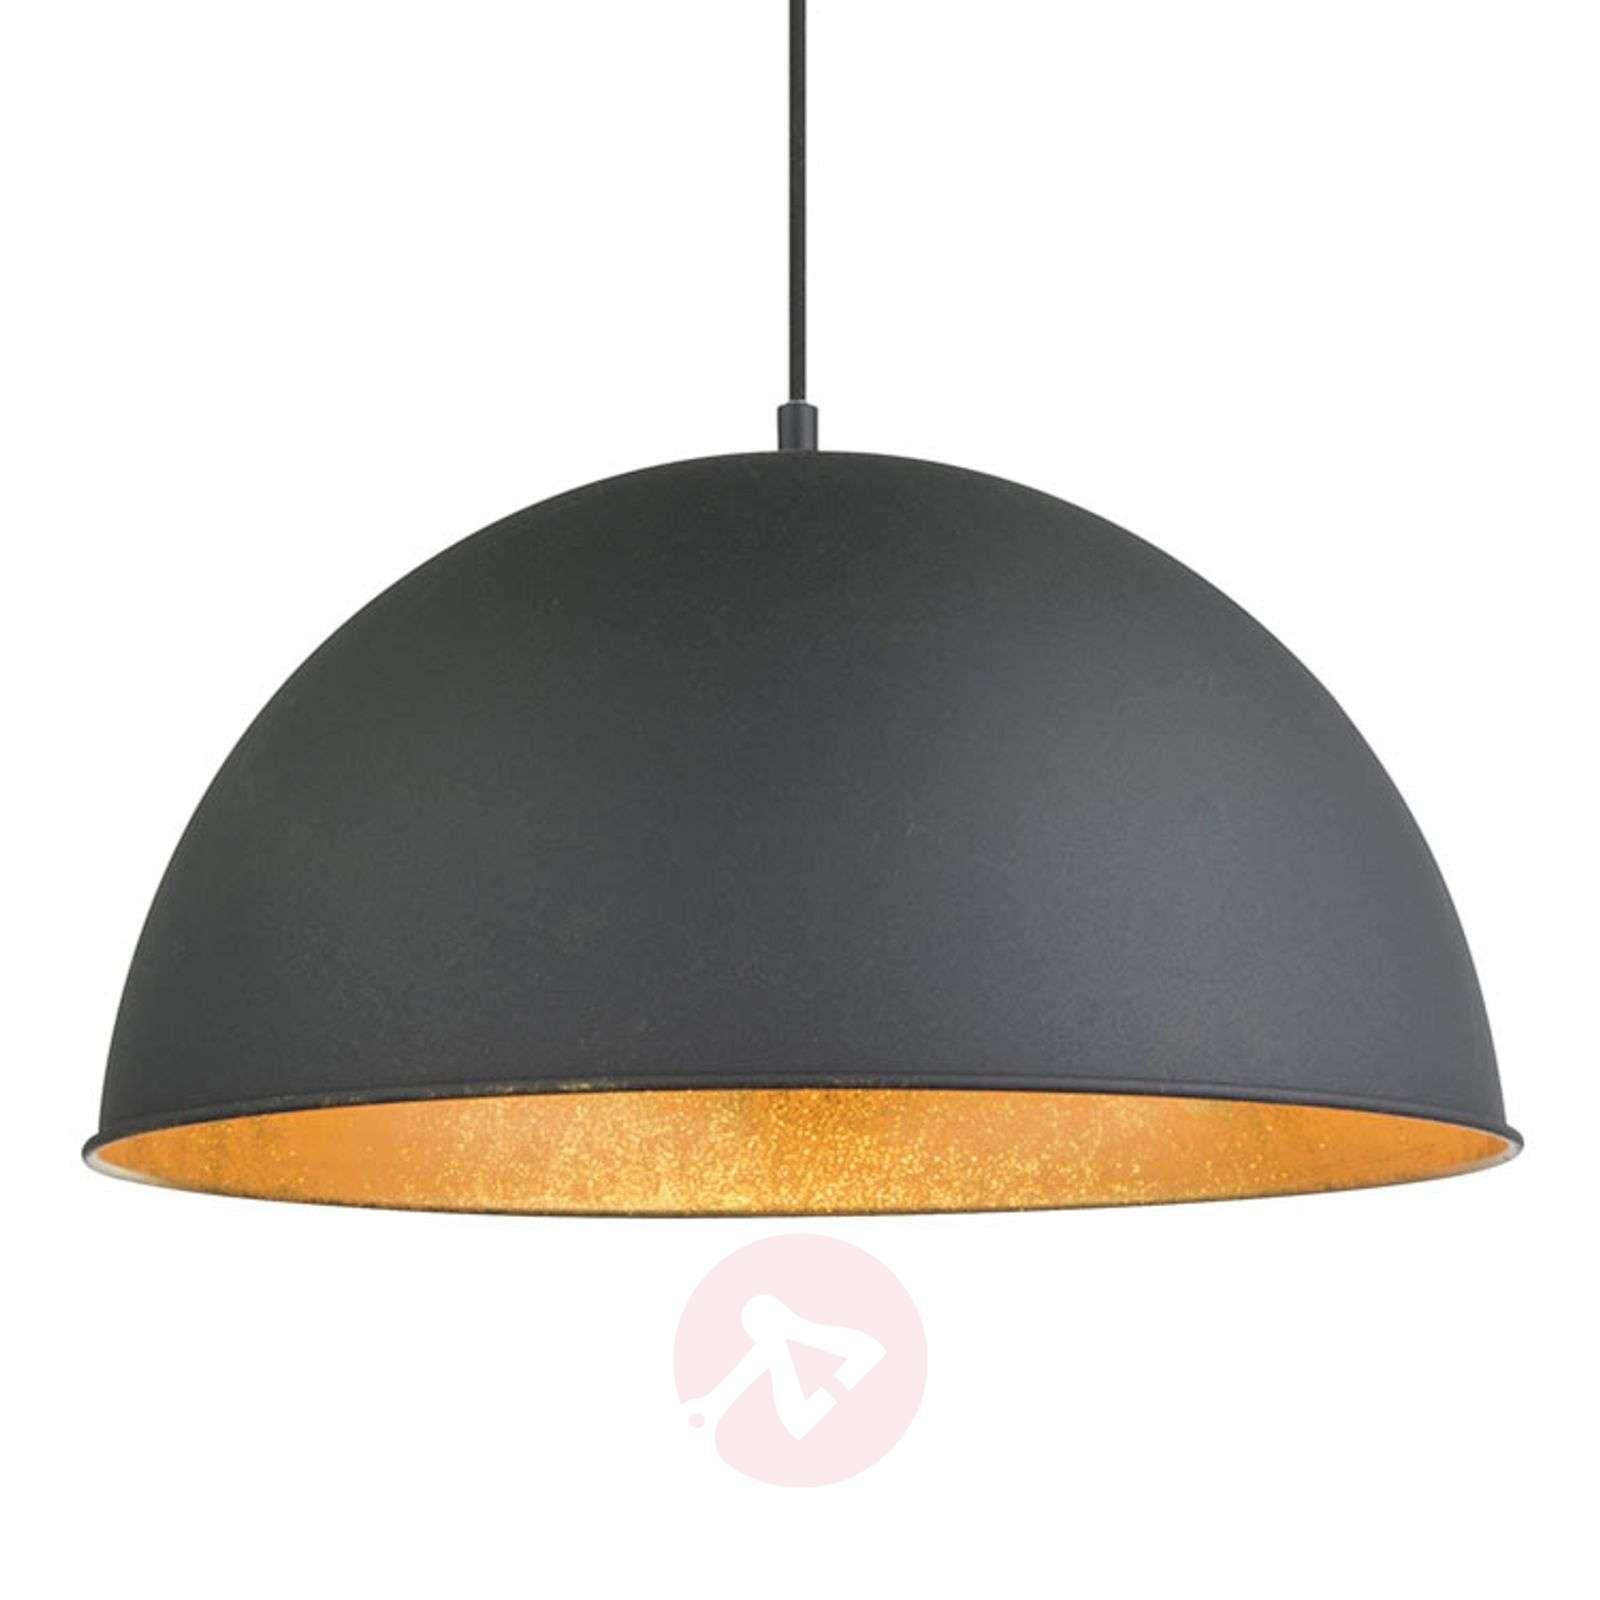 Musta ja kultainen riippuvalaisin Lenn-4015064-01